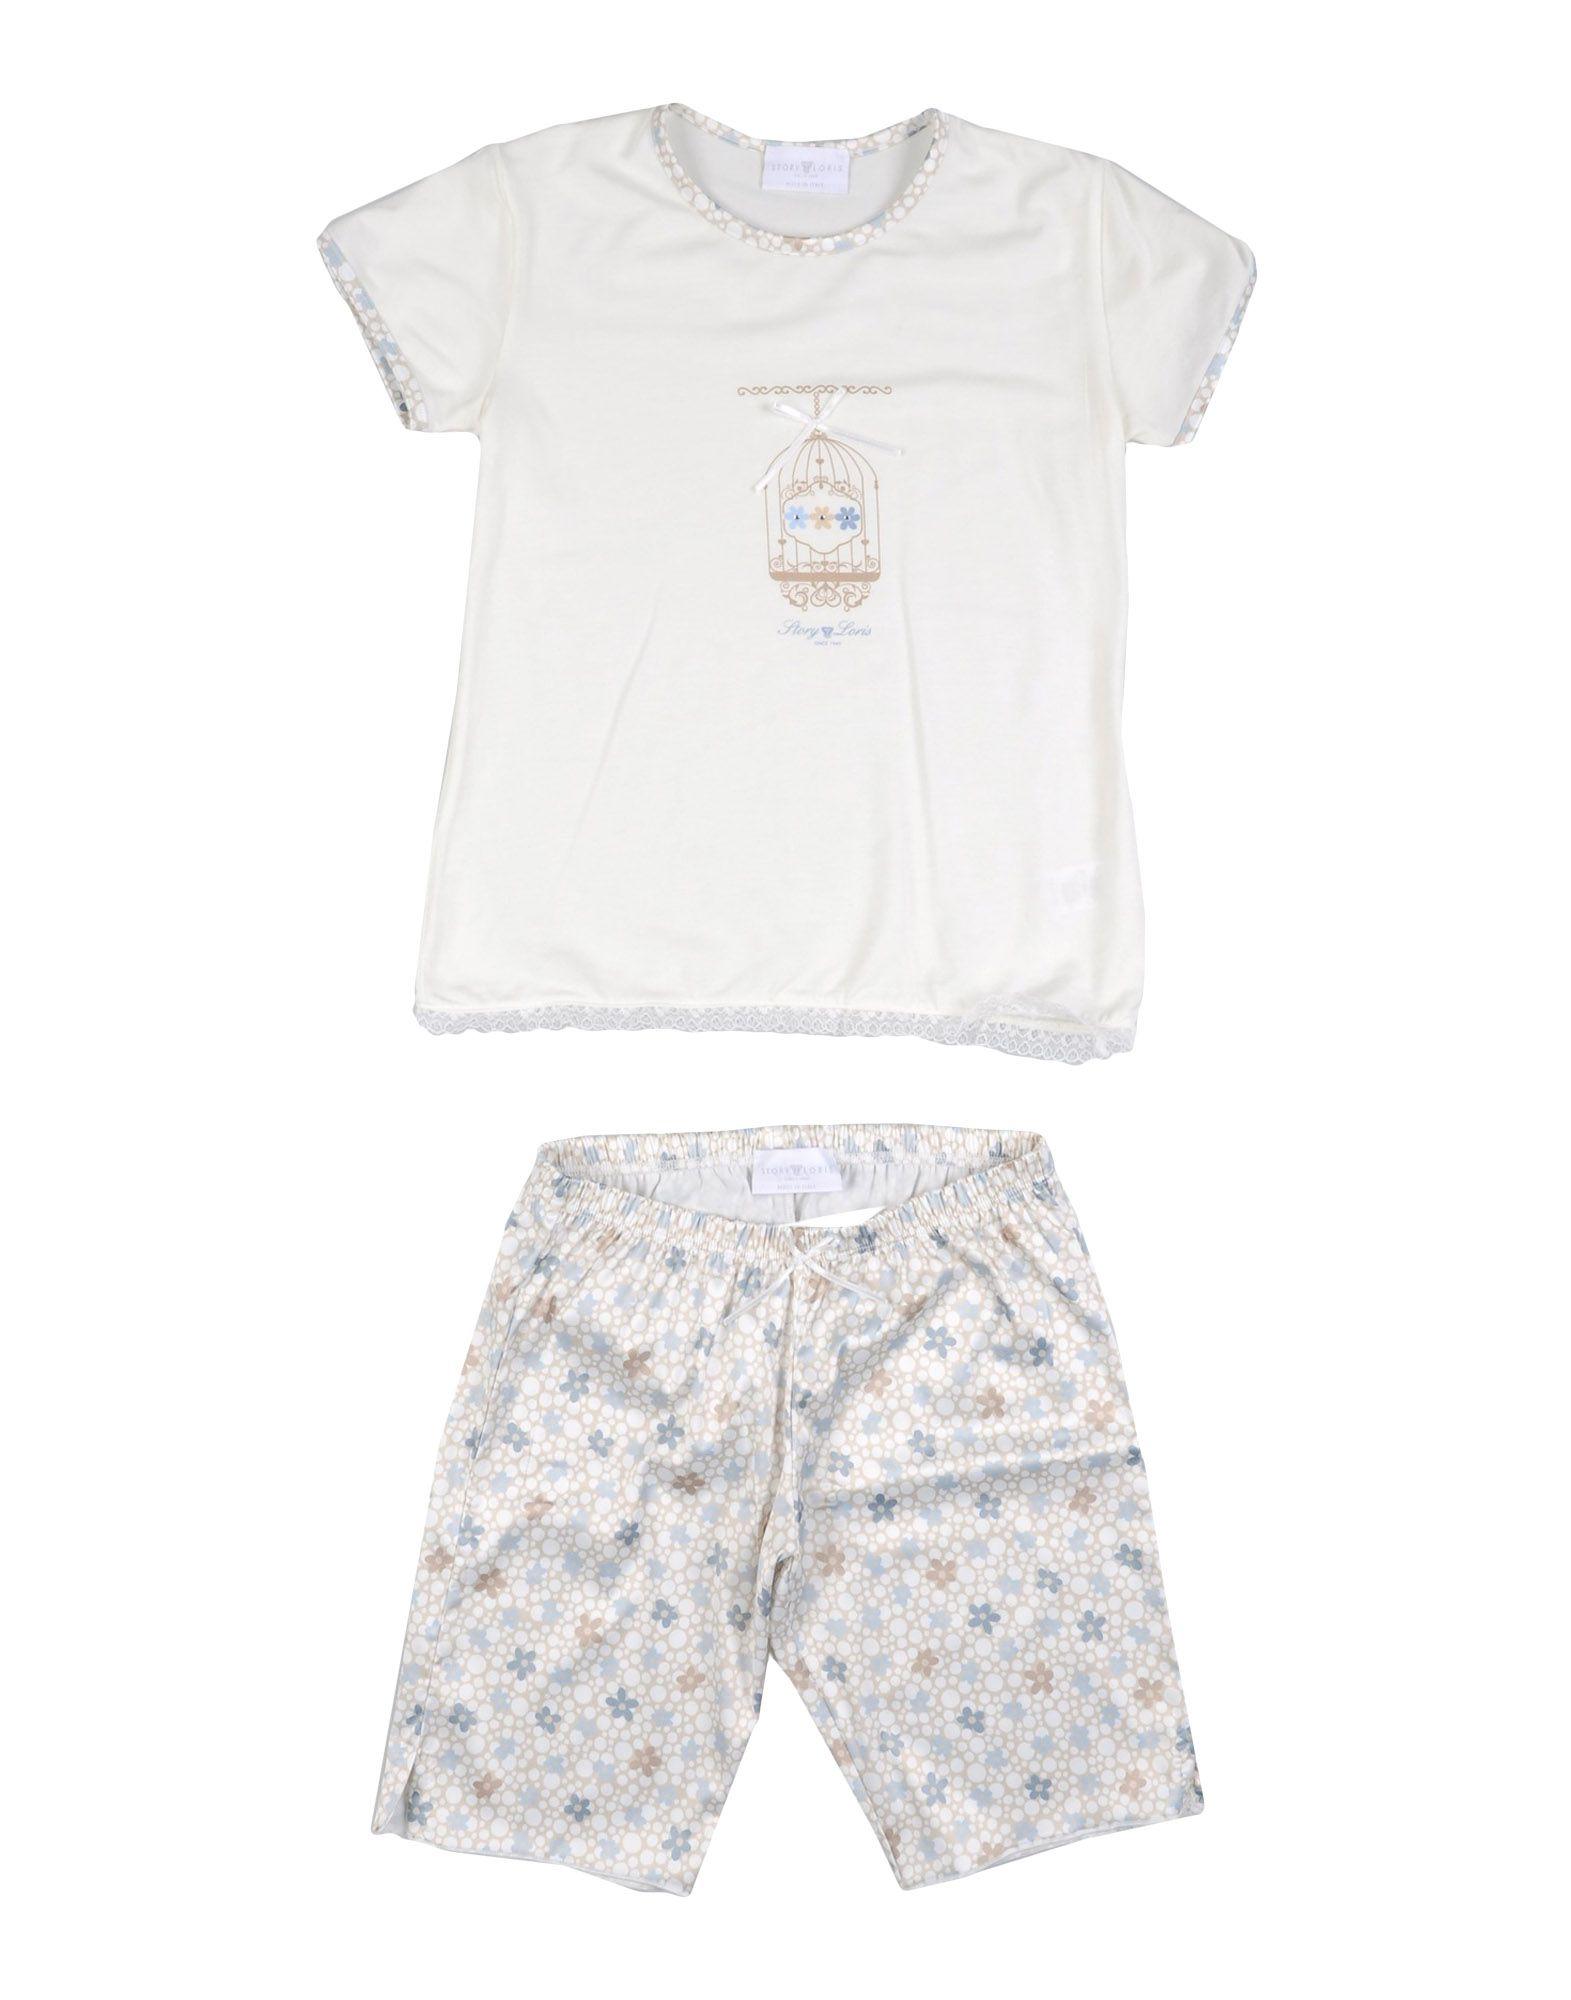 STORY LORIS Sleepwear